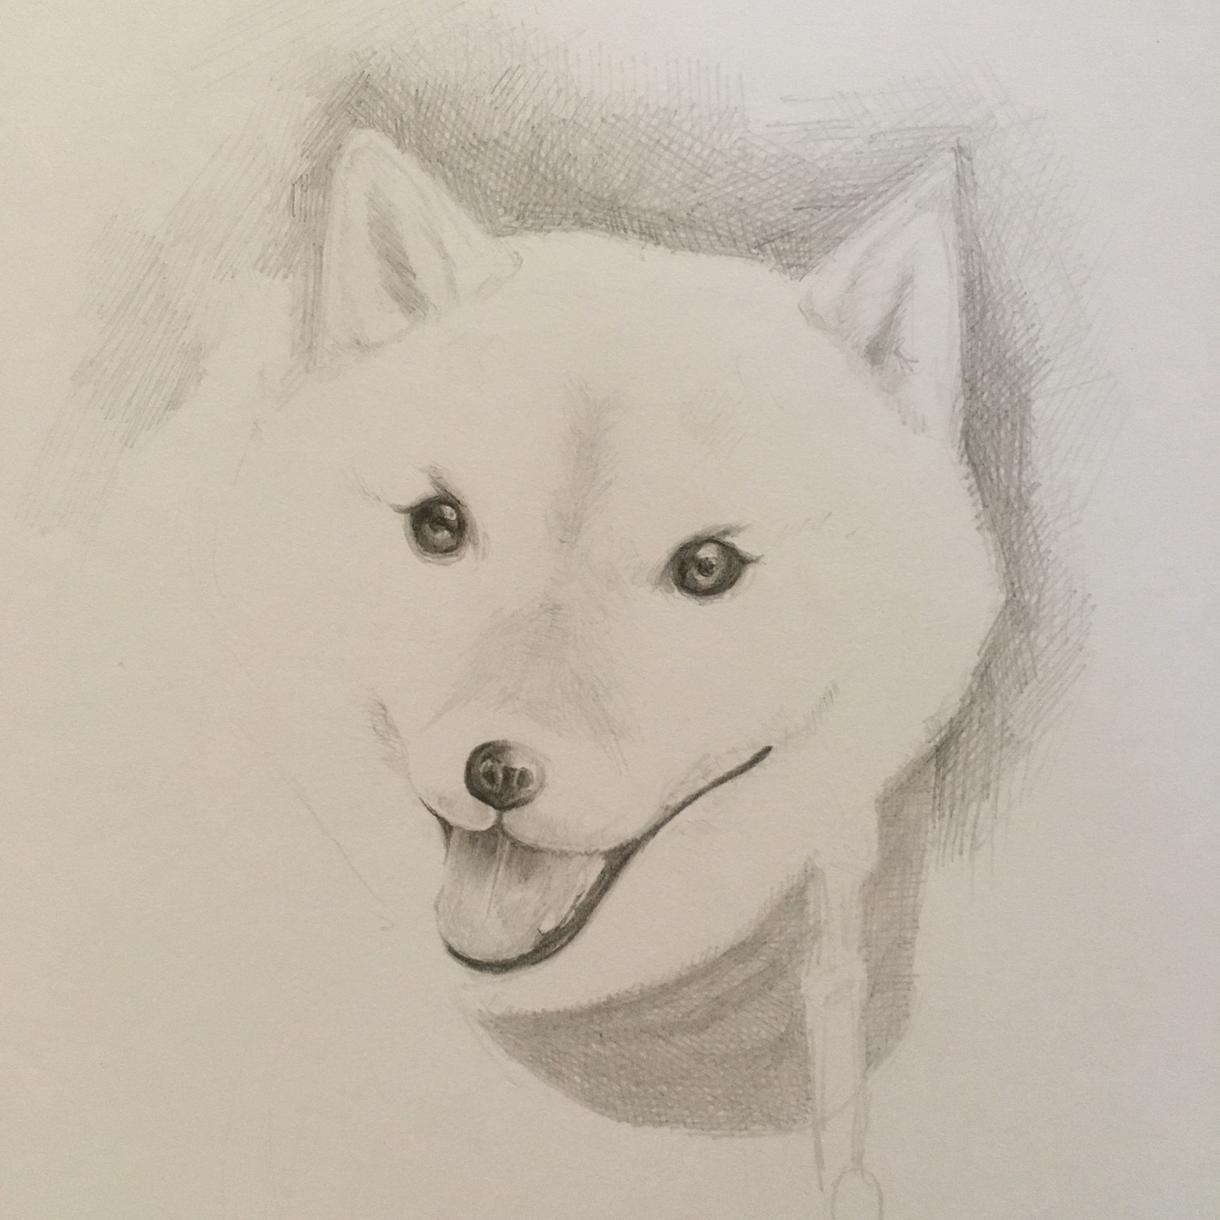 ペット似顔絵描きます あなたのペット描きます(人´∀`*)